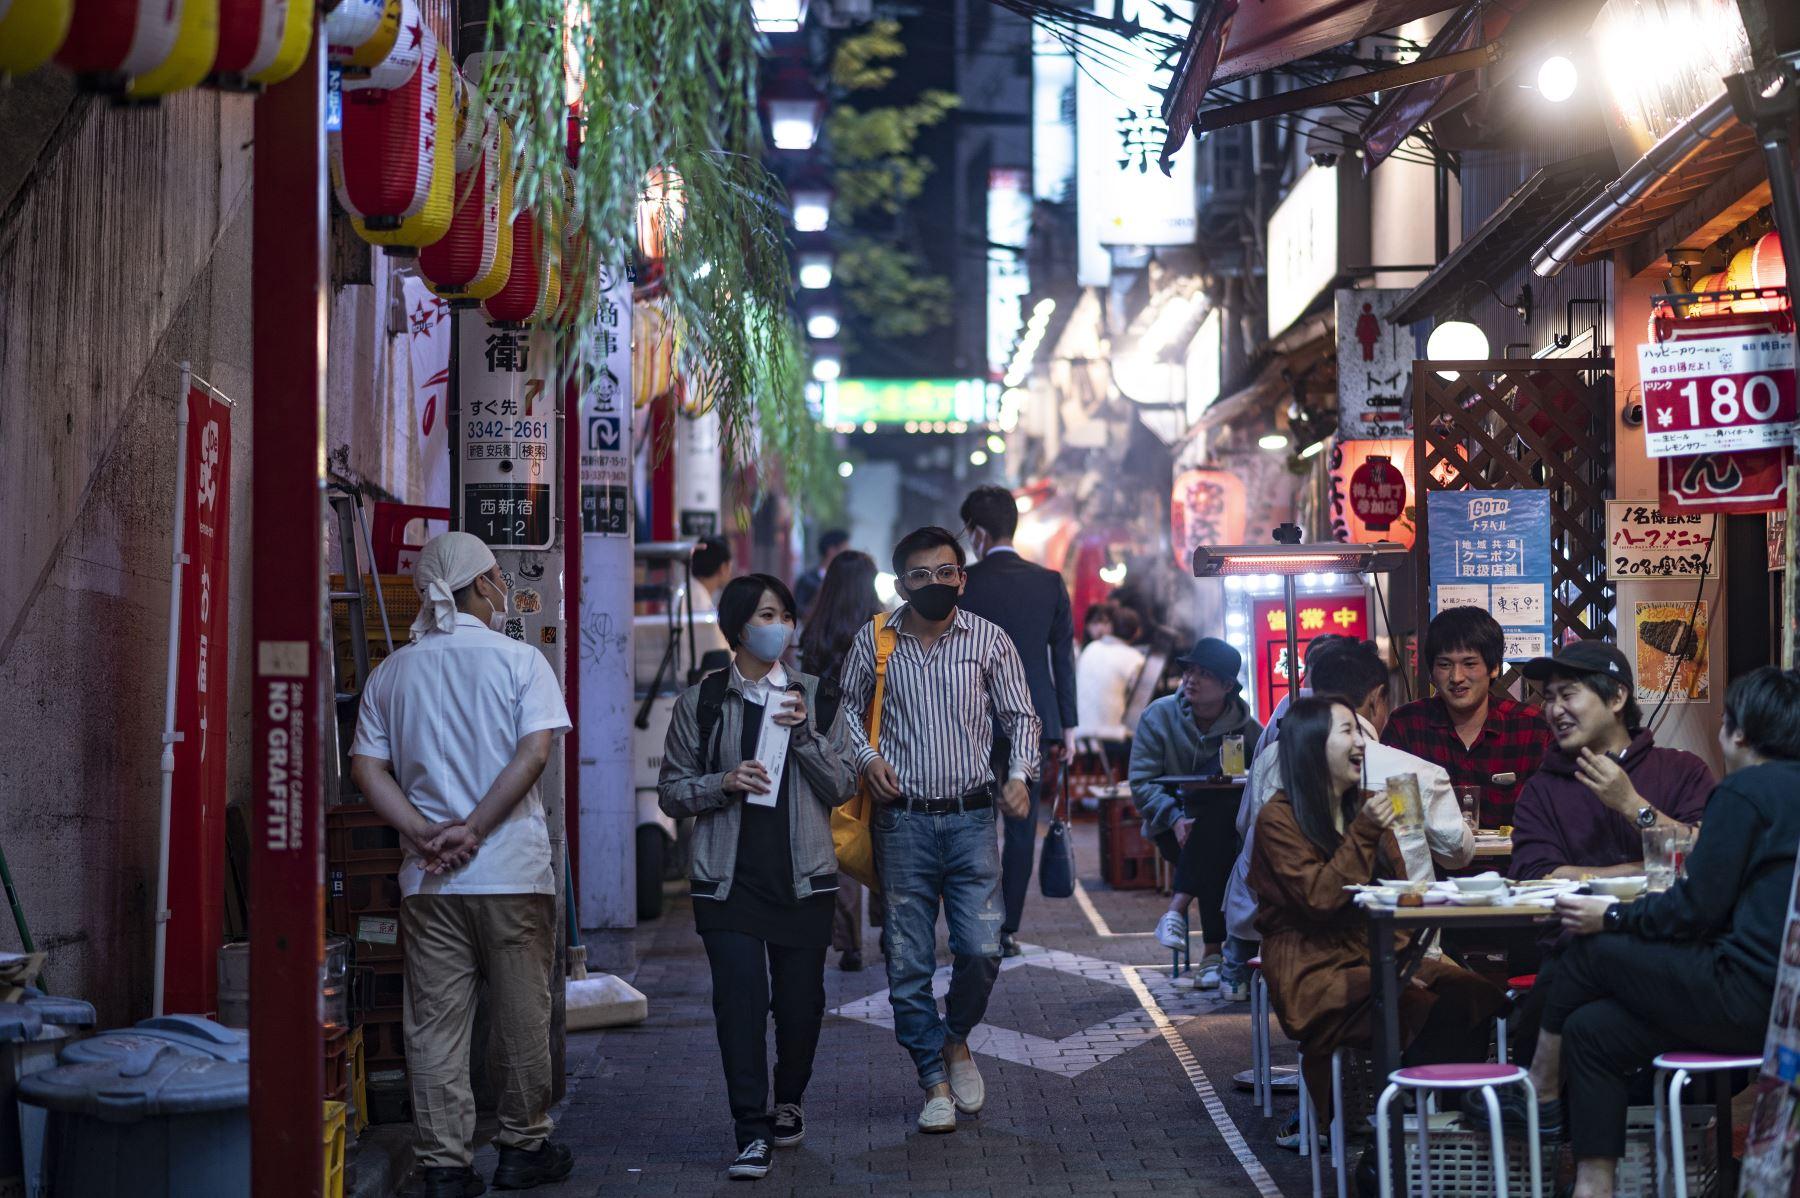 Personas que usan máscaras faciales como medida preventiva ante el coronavirus visitan el área de restaurantes del callejón Omoide Yokocho en el distrito Shinjuku de Tokio. Foto: AFP